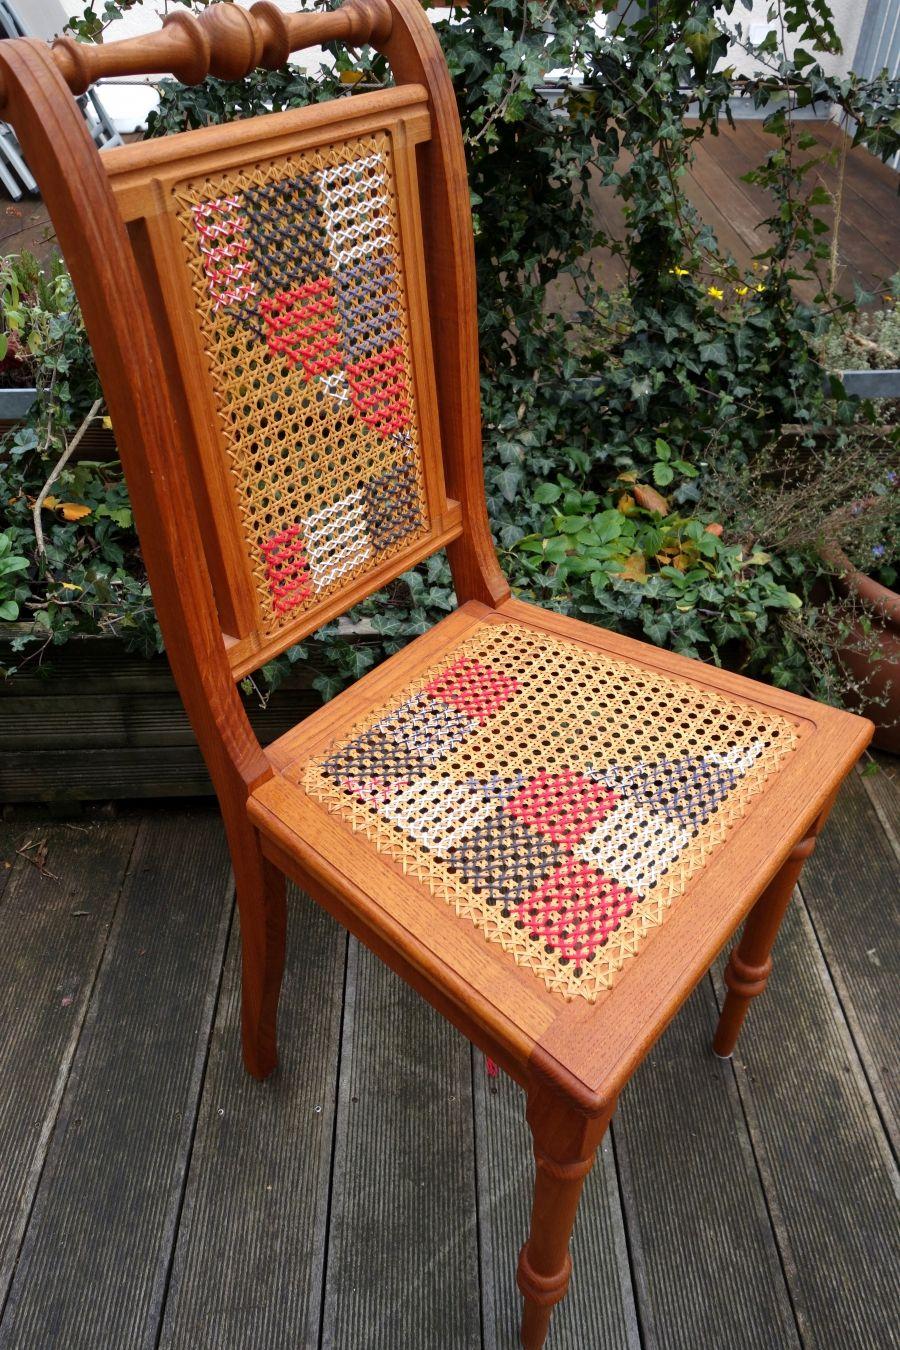 Geflecht von Kaffeehausstühlen mit Kreuzstich besticken | Besticken ...